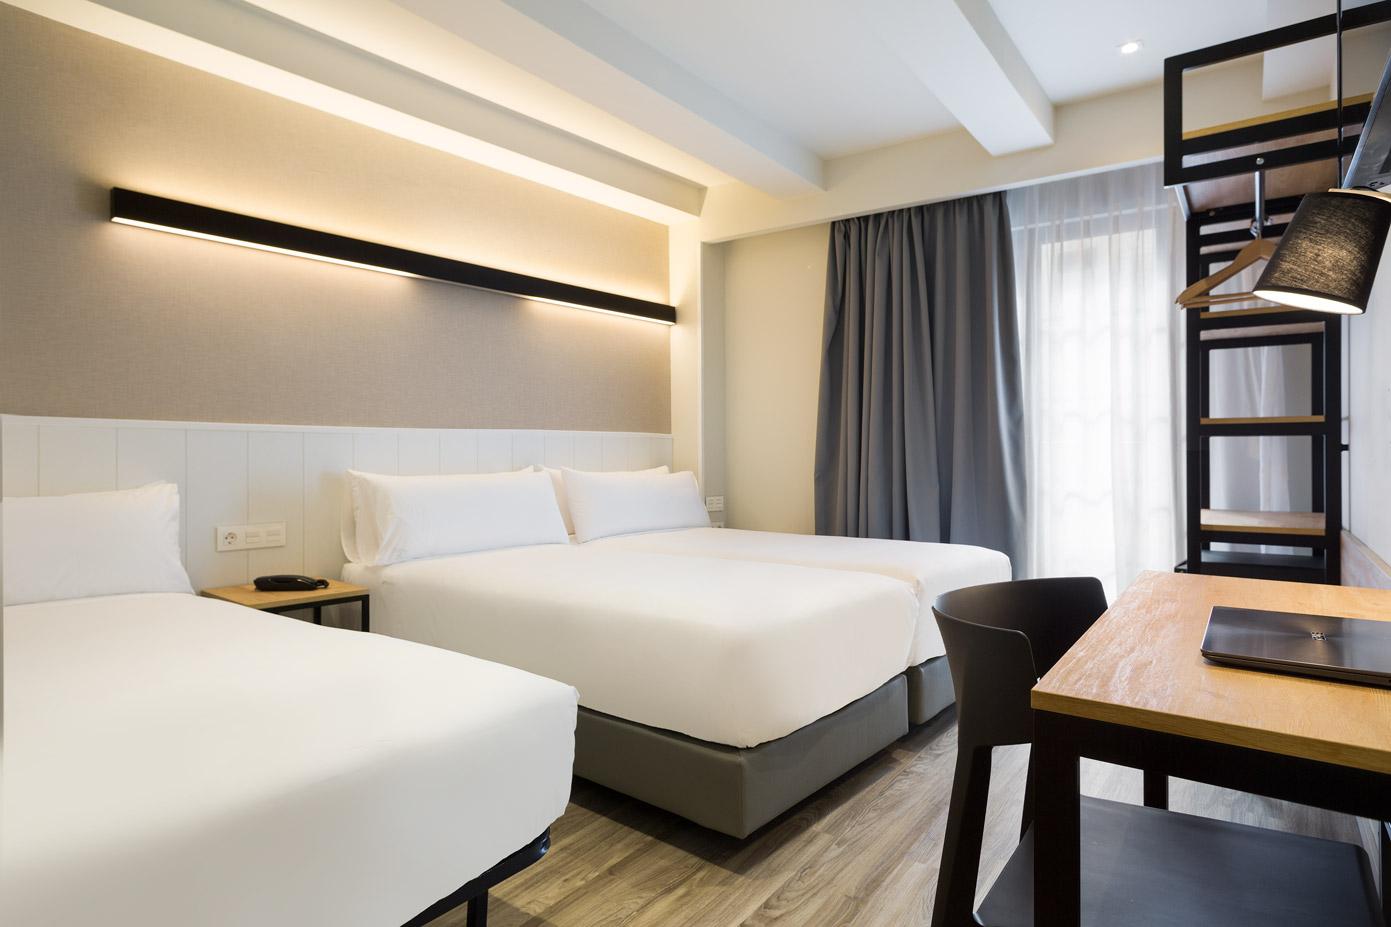 hotel_acta_bcn40_triple_03